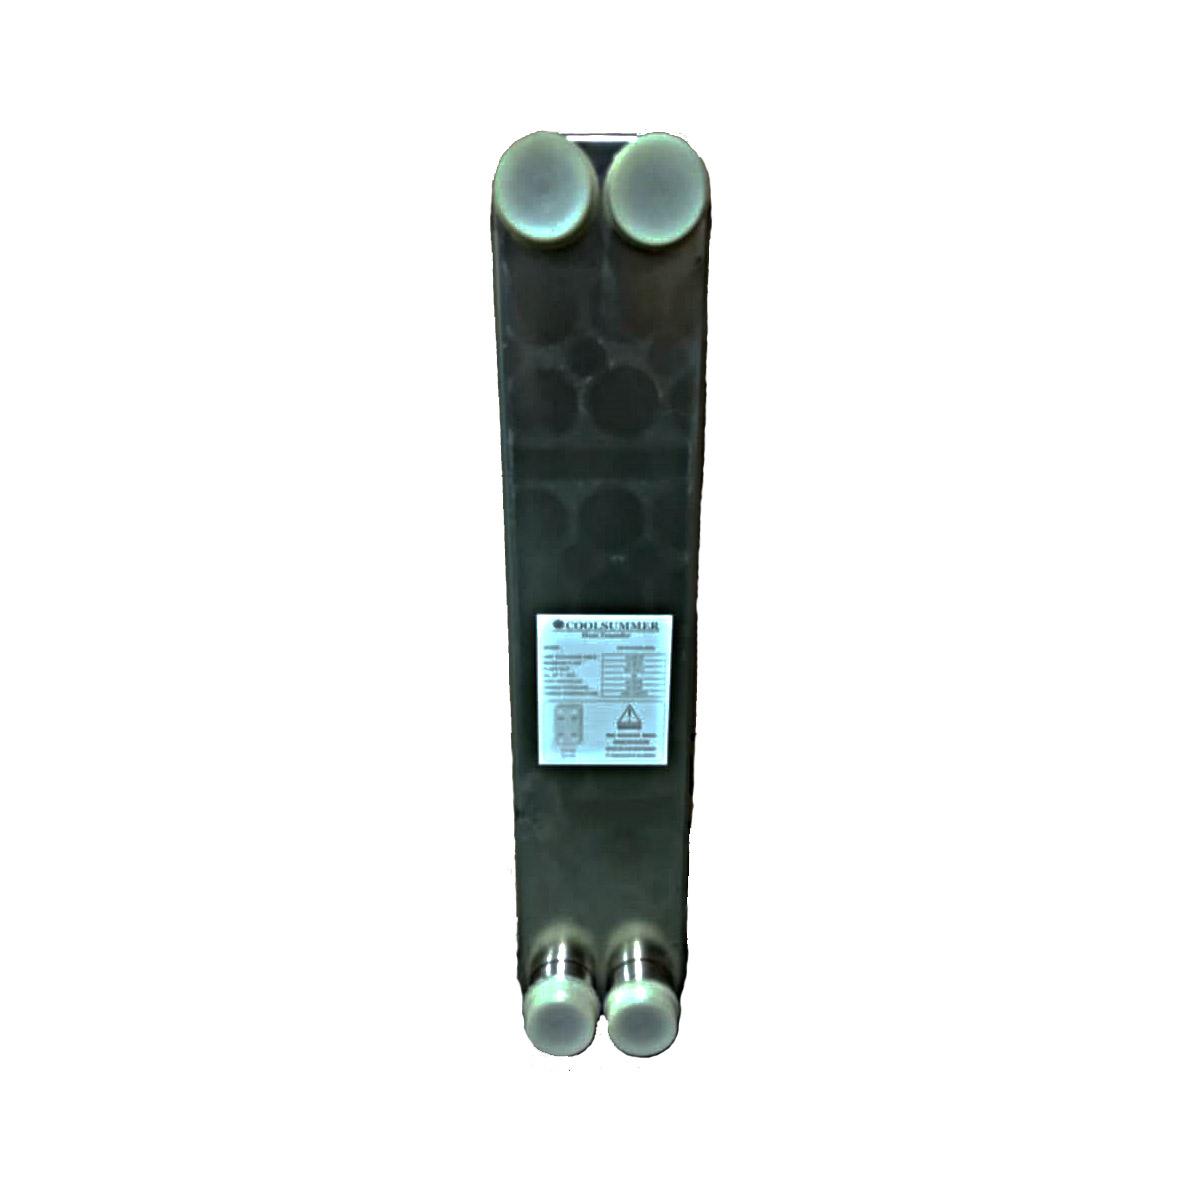 مبدل حرارتی صفحه ای کولسامر مدل CS-PHE050-20P